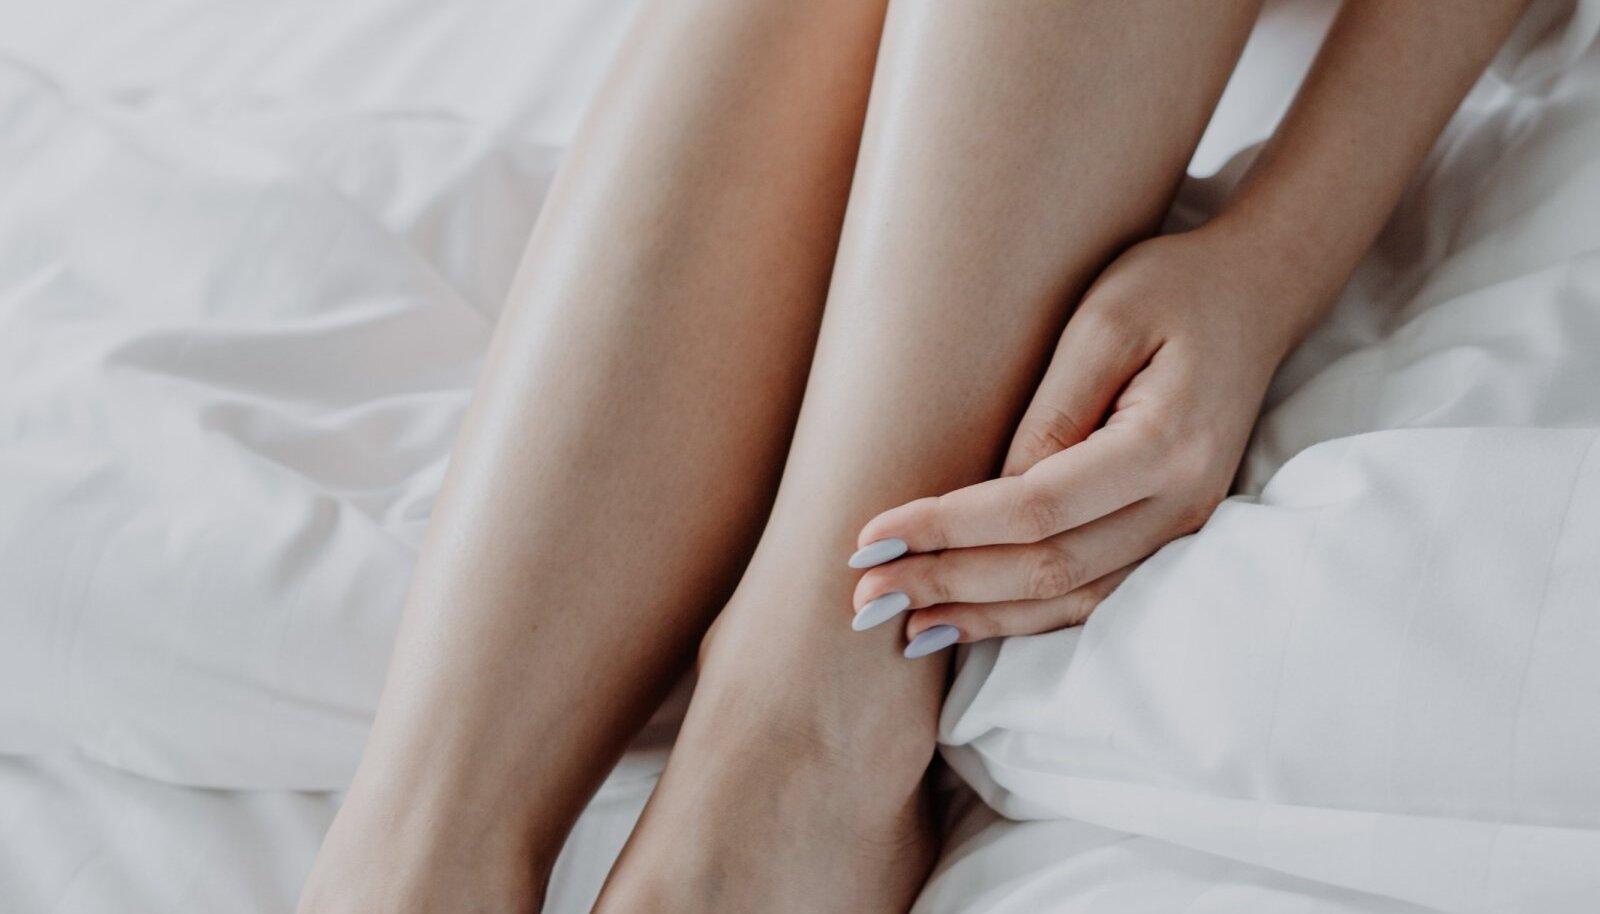 Ravi ola liigese 3 kraadi artroosiga Uhise ravi ravi